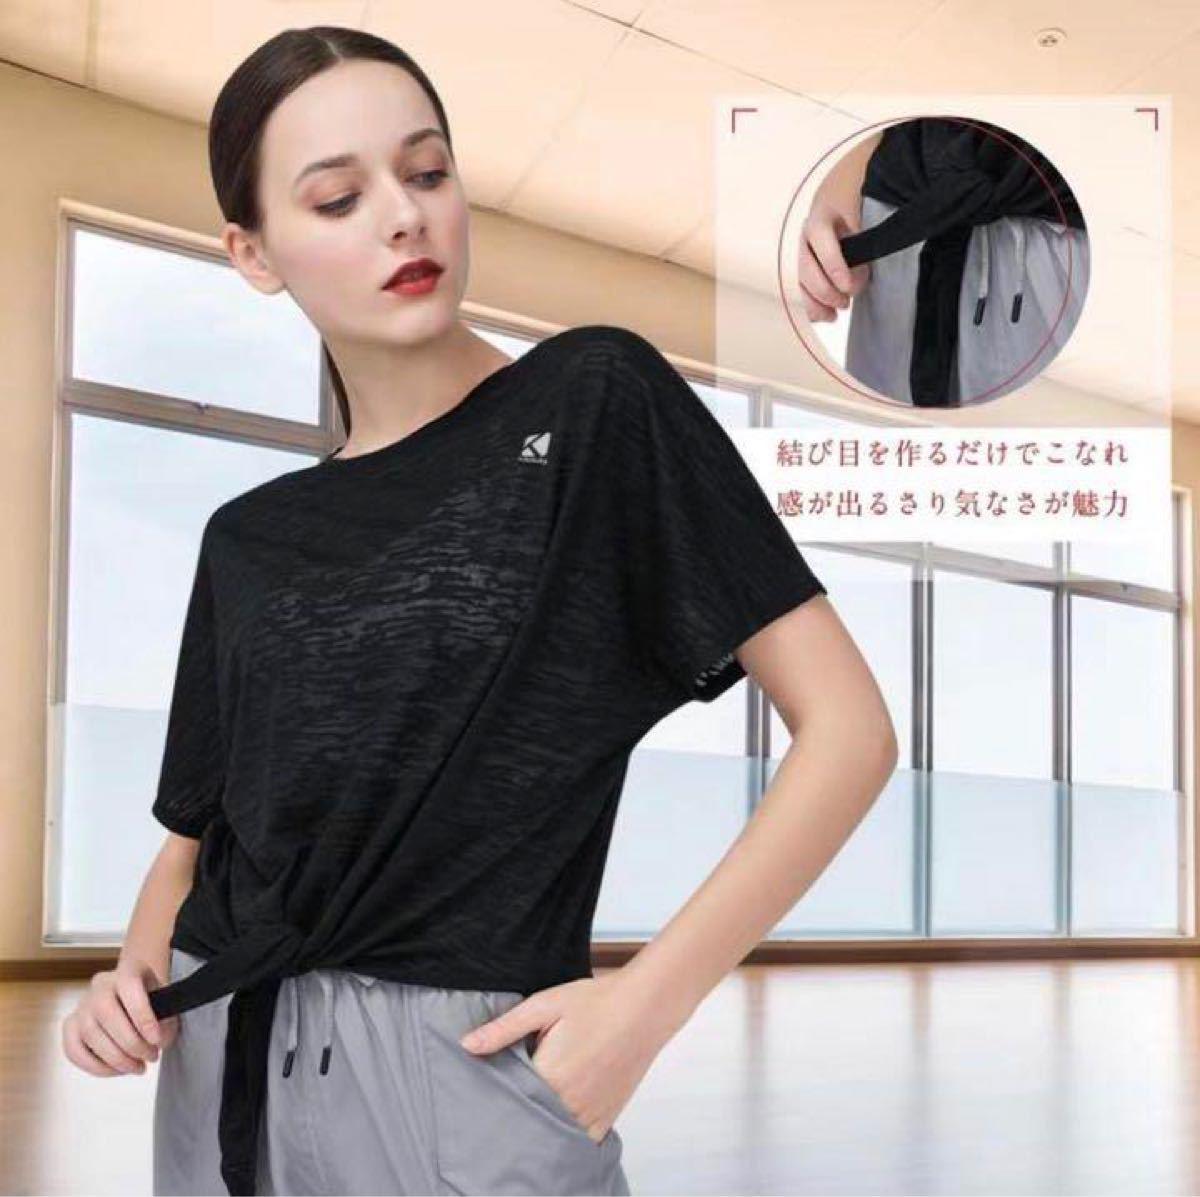 スポーツウェア tシャツ 半袖 ヨガウェア レディース フィットネス リボン結び 運動服 5色 (S - L)